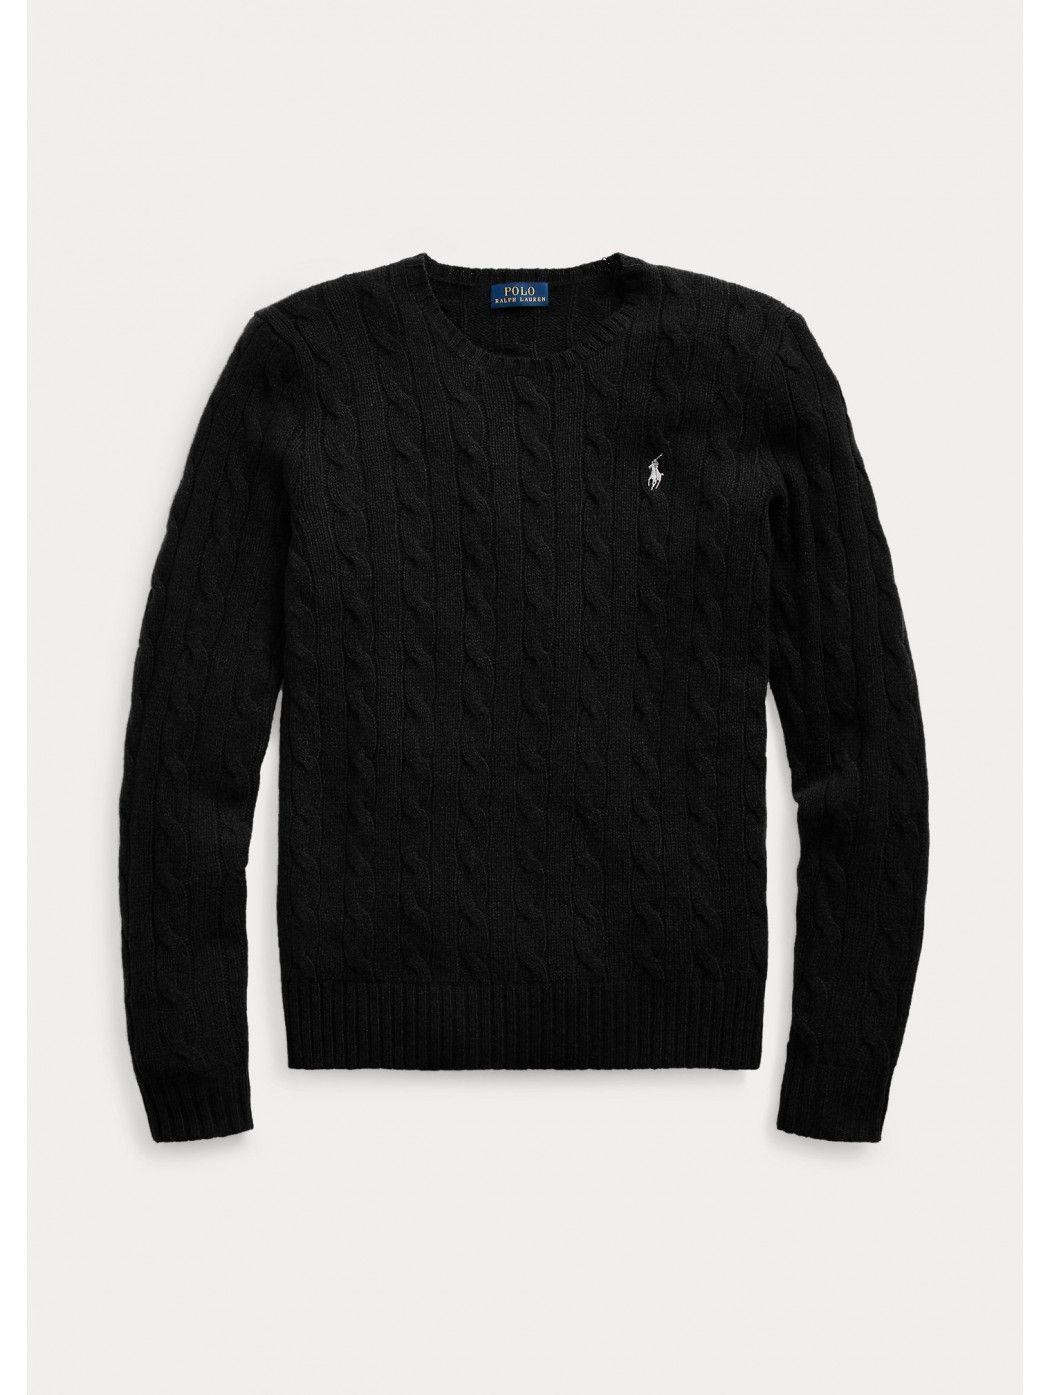 Maglia in lana a girocollo a trecce POLO RALPH LAUREN DONNA 211525764 002